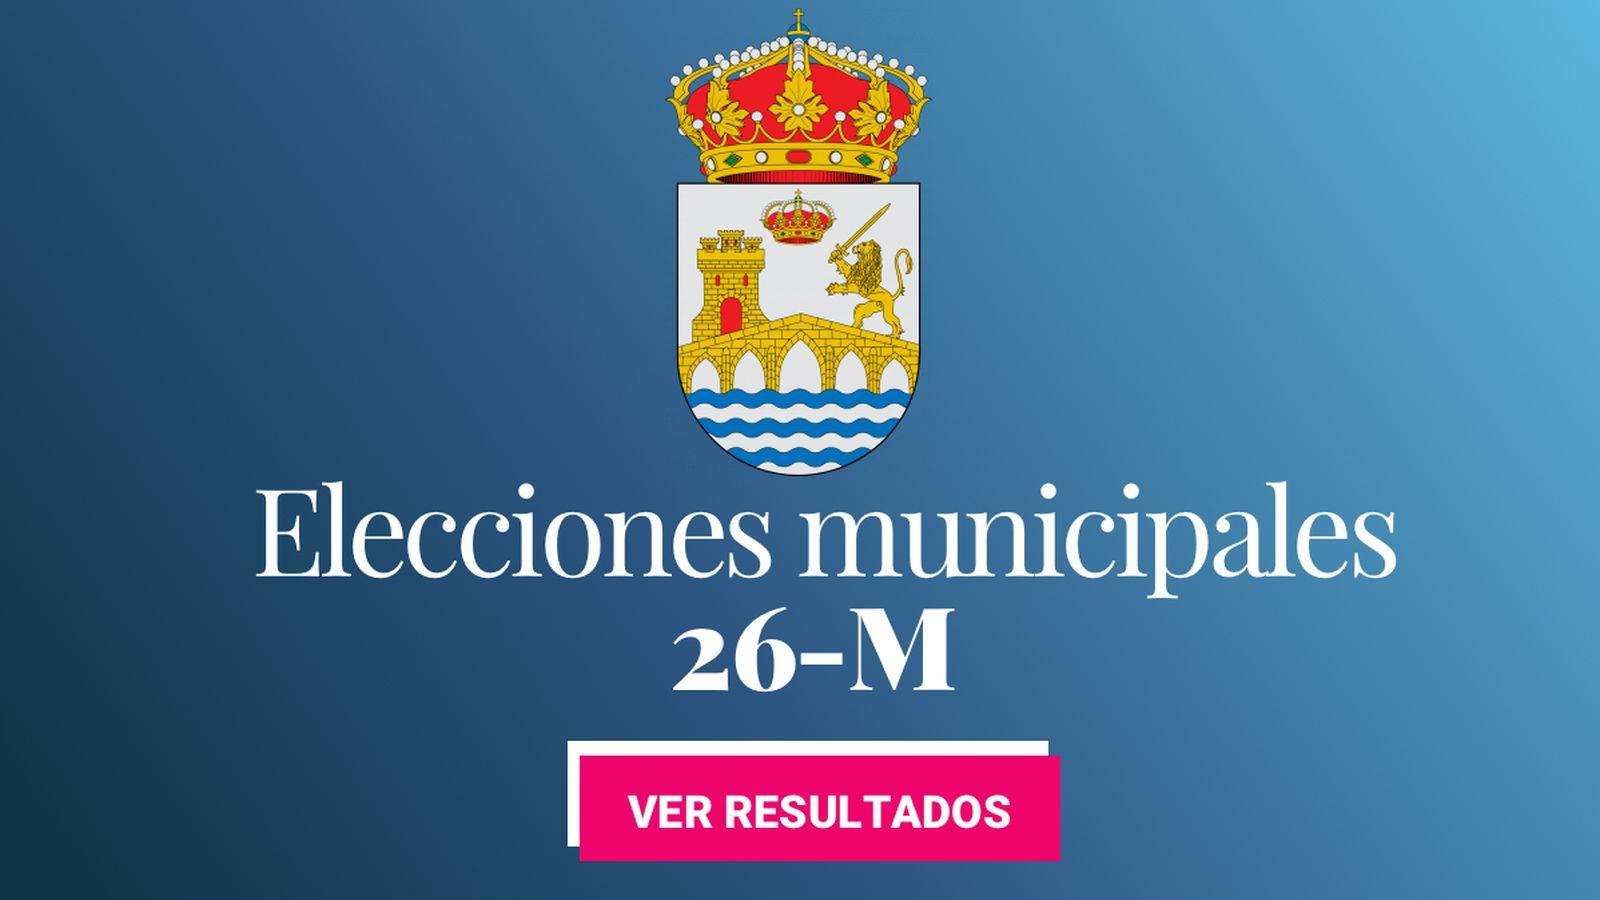 Foto: Elecciones municipales 2019 en Ourense. (C.C./EC)